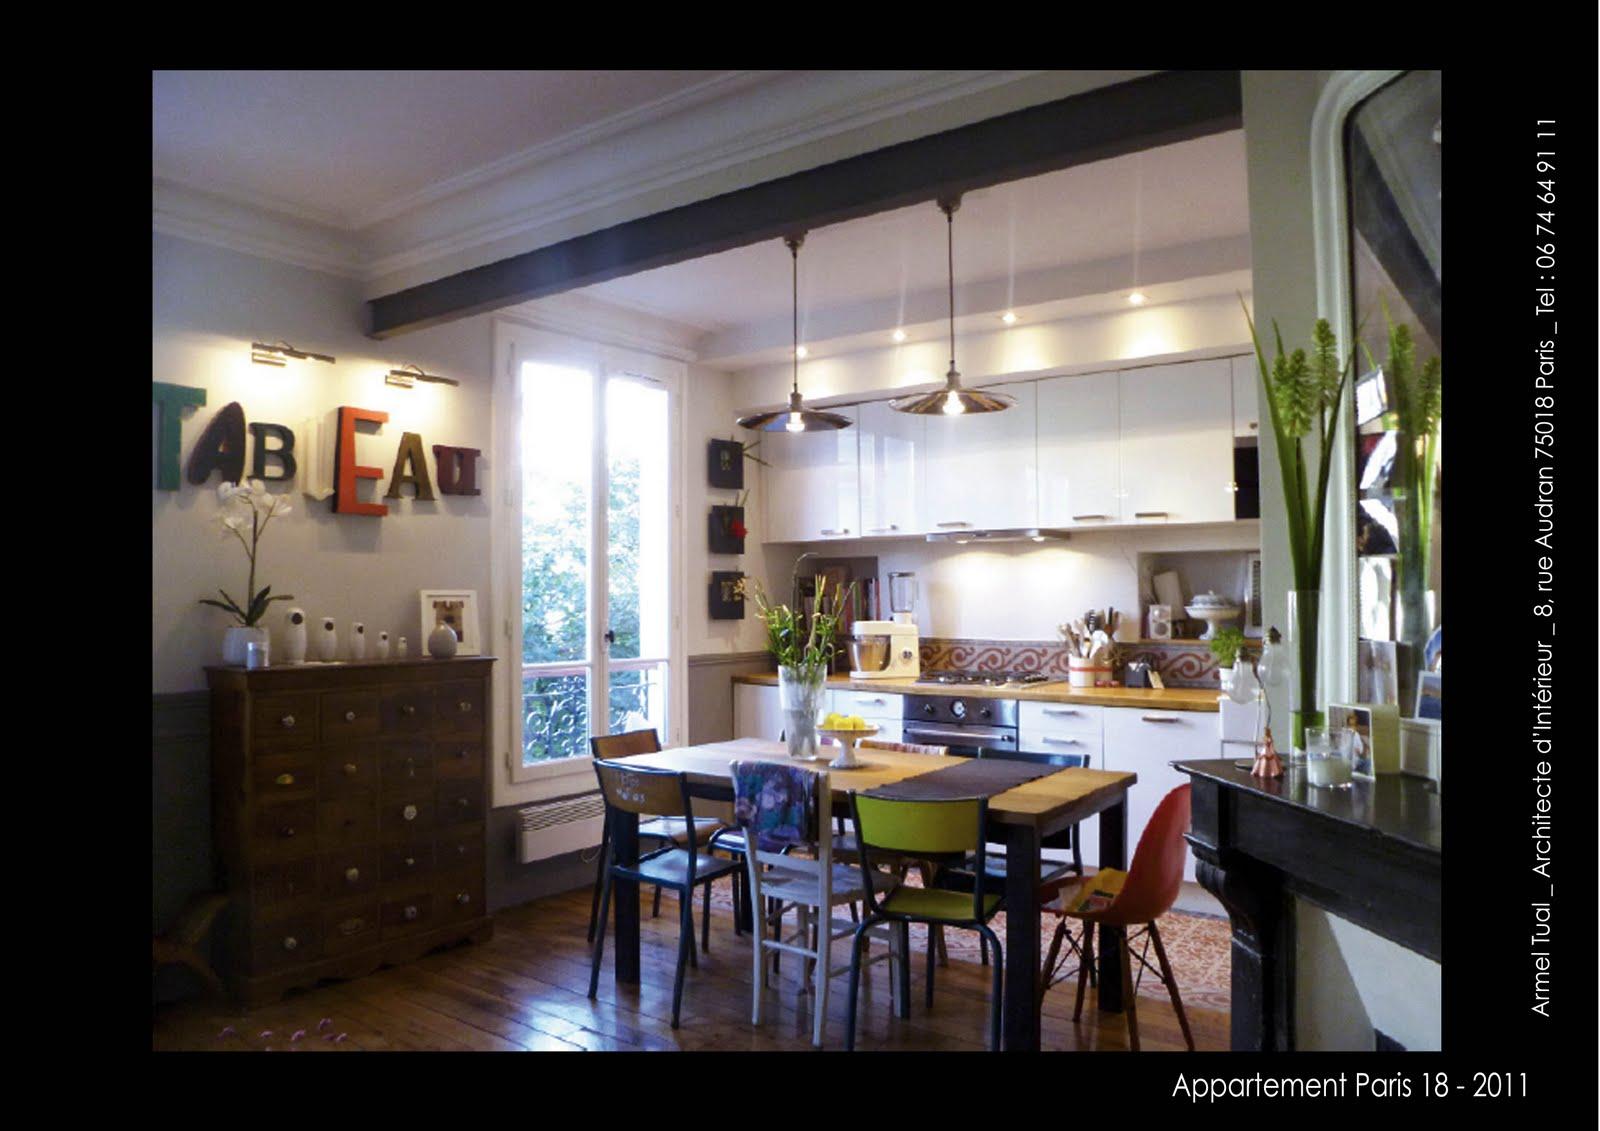 armel tual architecte d 39 int rieur cfai appartement de 53m2. Black Bedroom Furniture Sets. Home Design Ideas